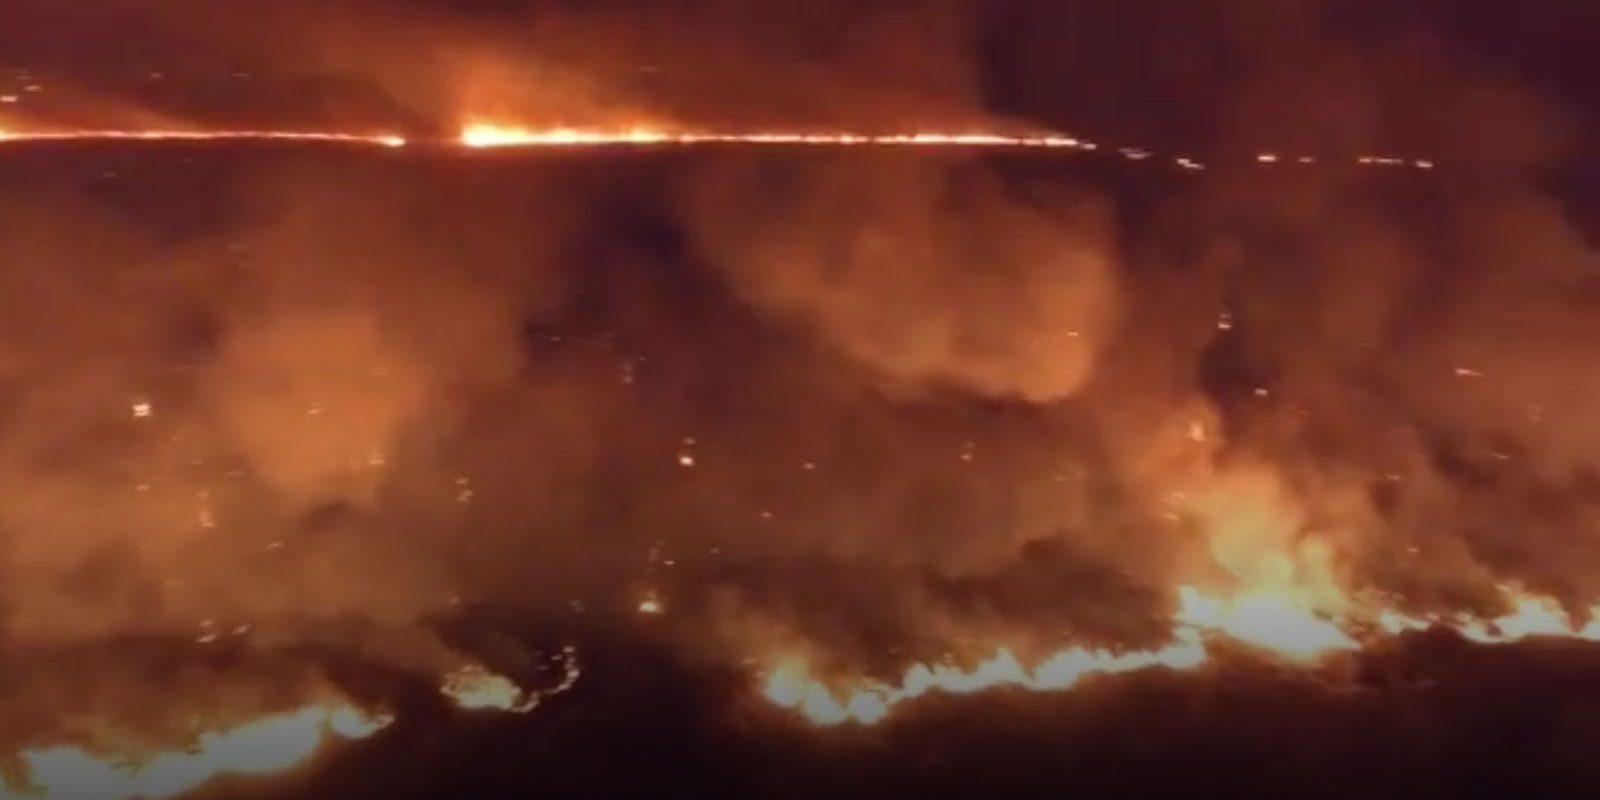 Incendio arrasa con más de 22 hectáreas en la carretera 30